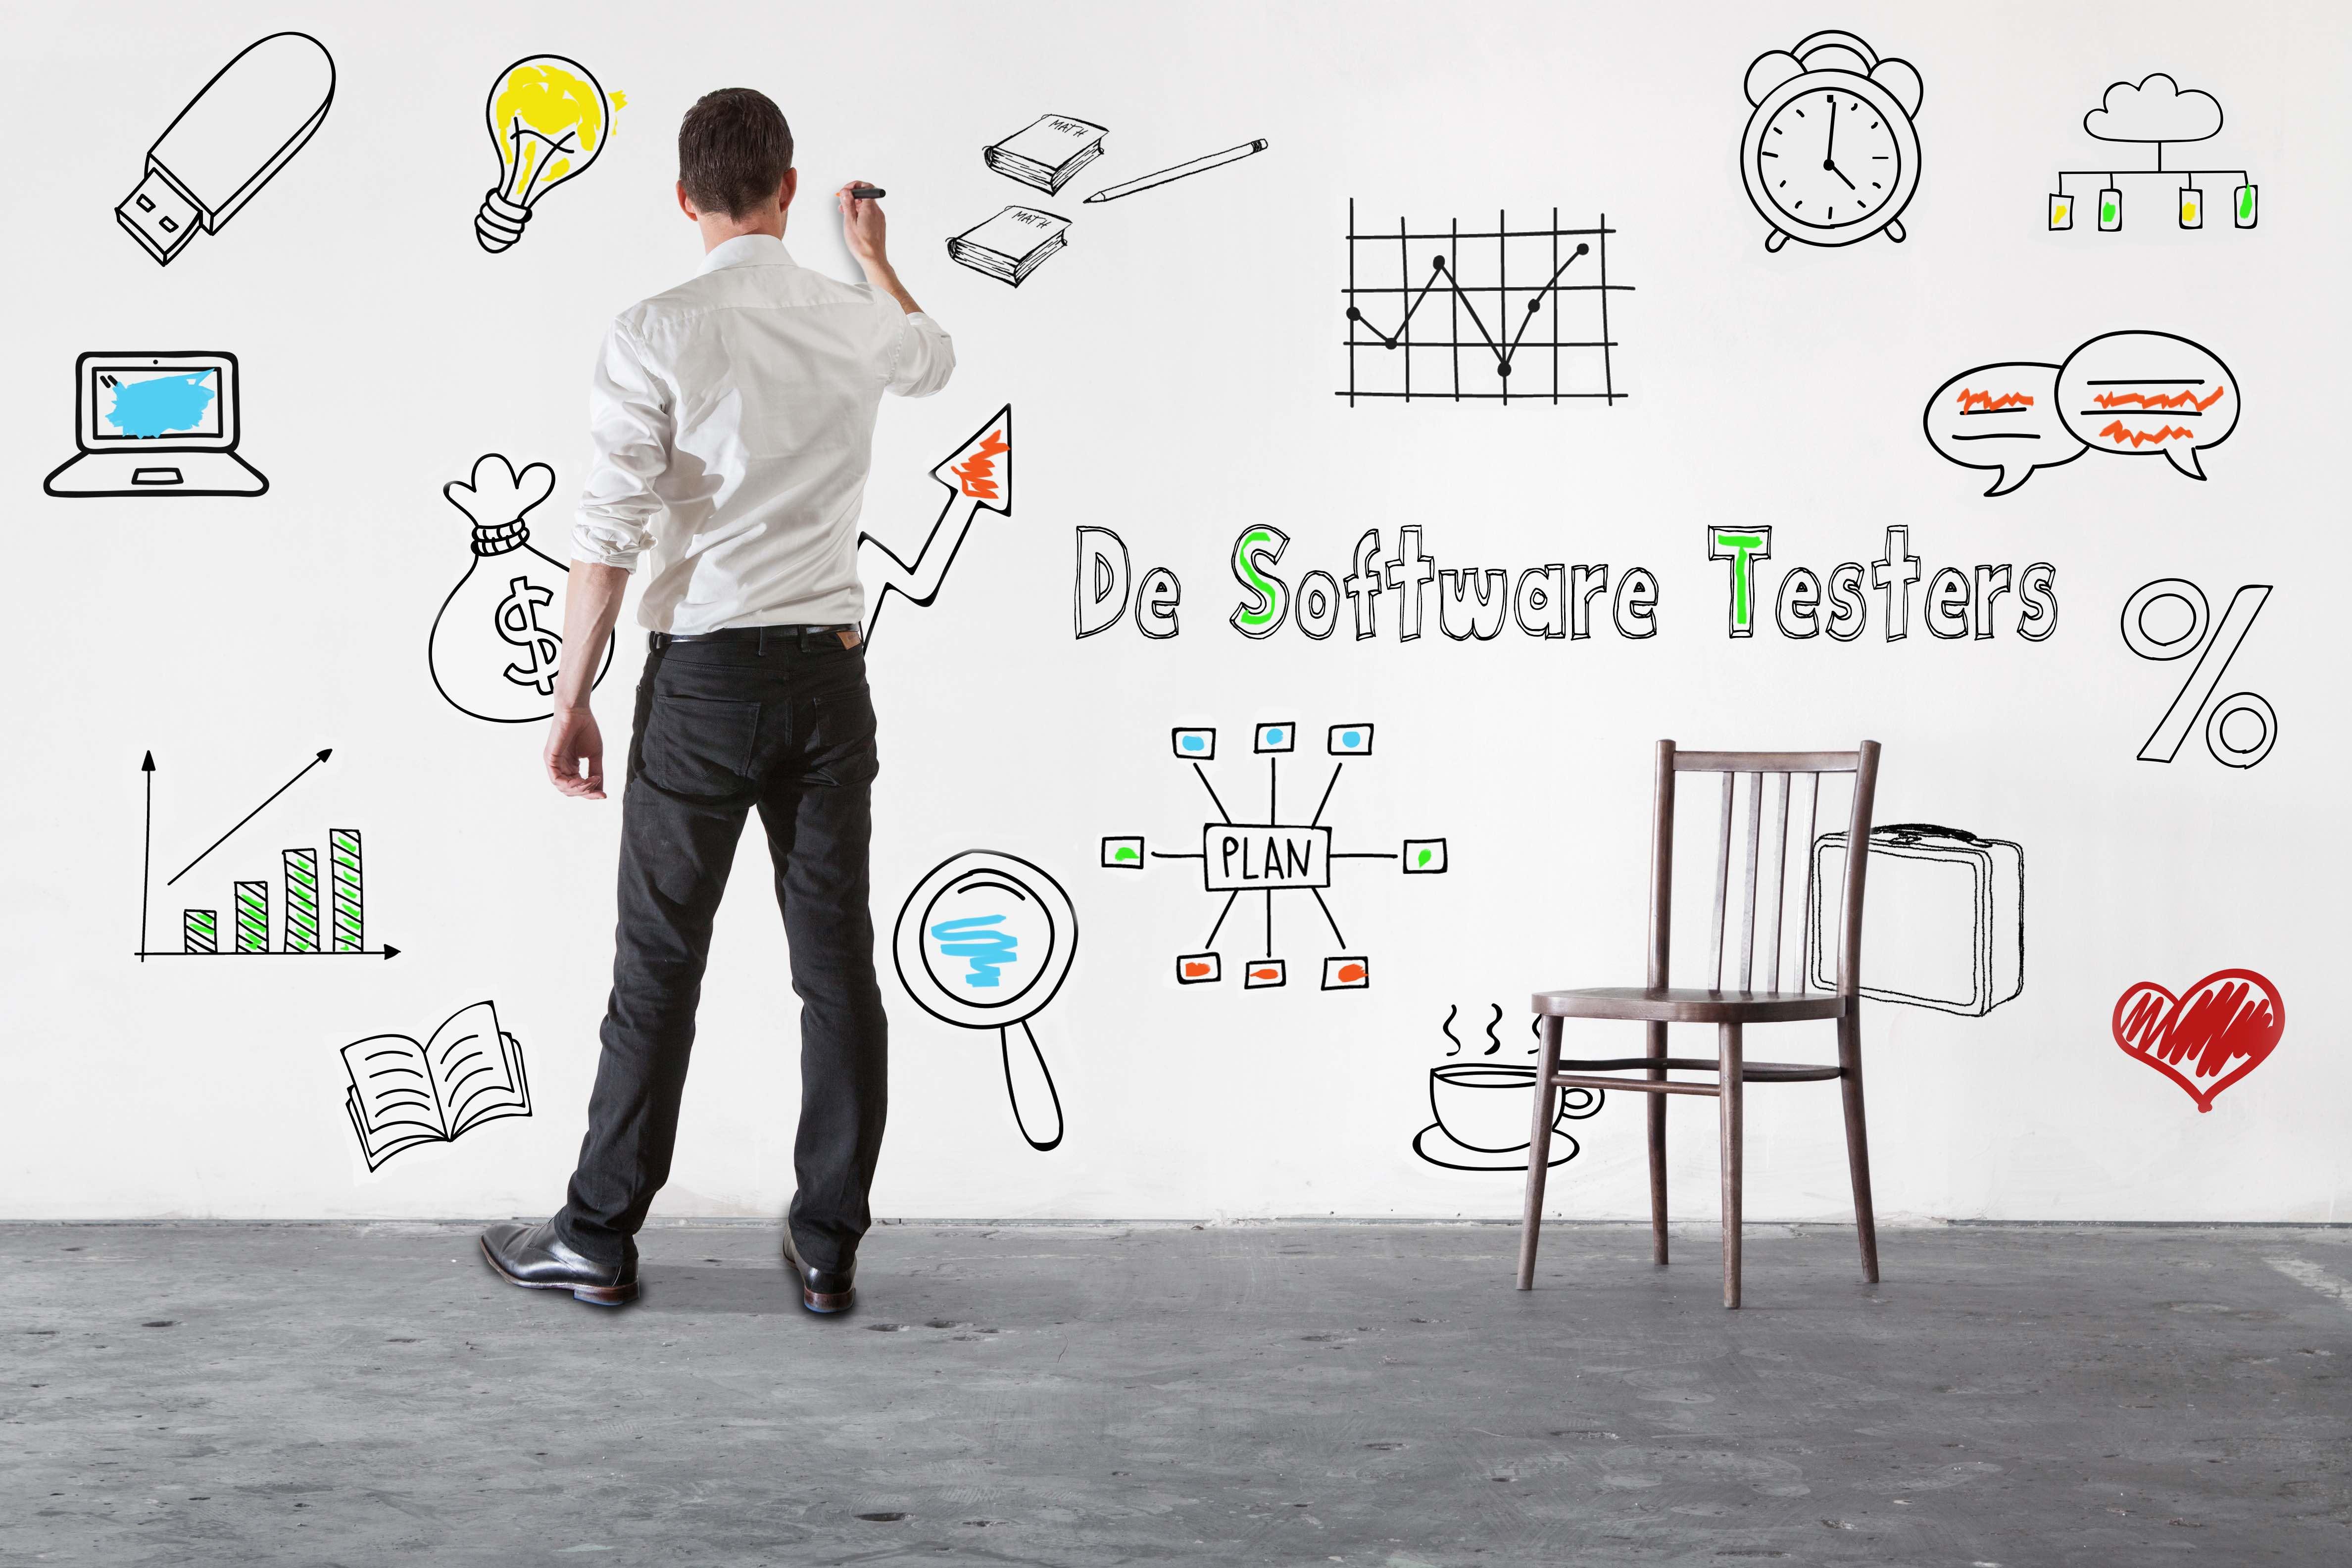 De Software Testers